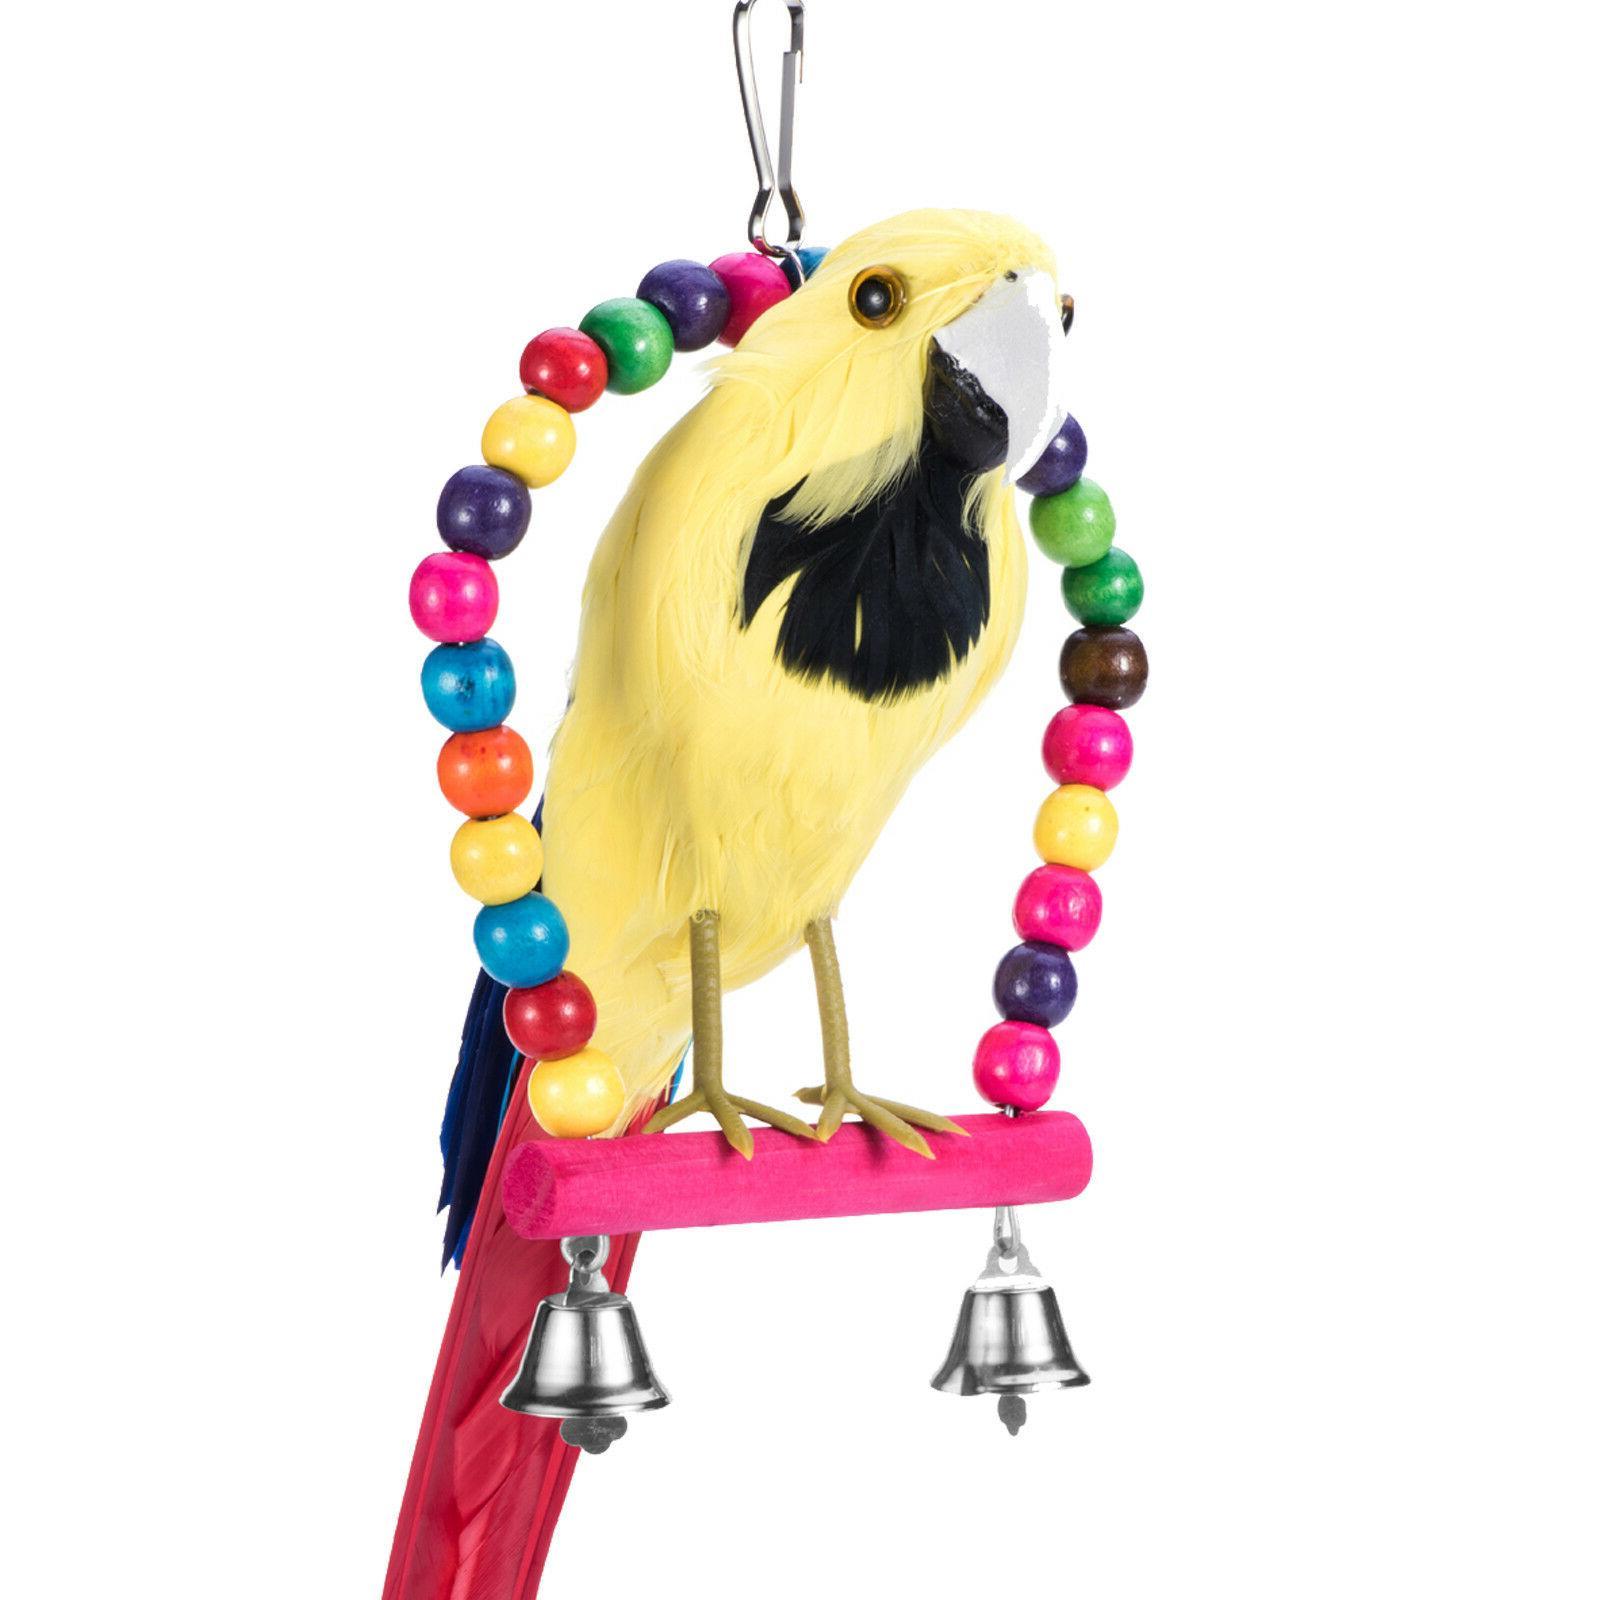 Pet Bird Swing Parrot Parakeet Budgie Cockatiel Cage Hammock